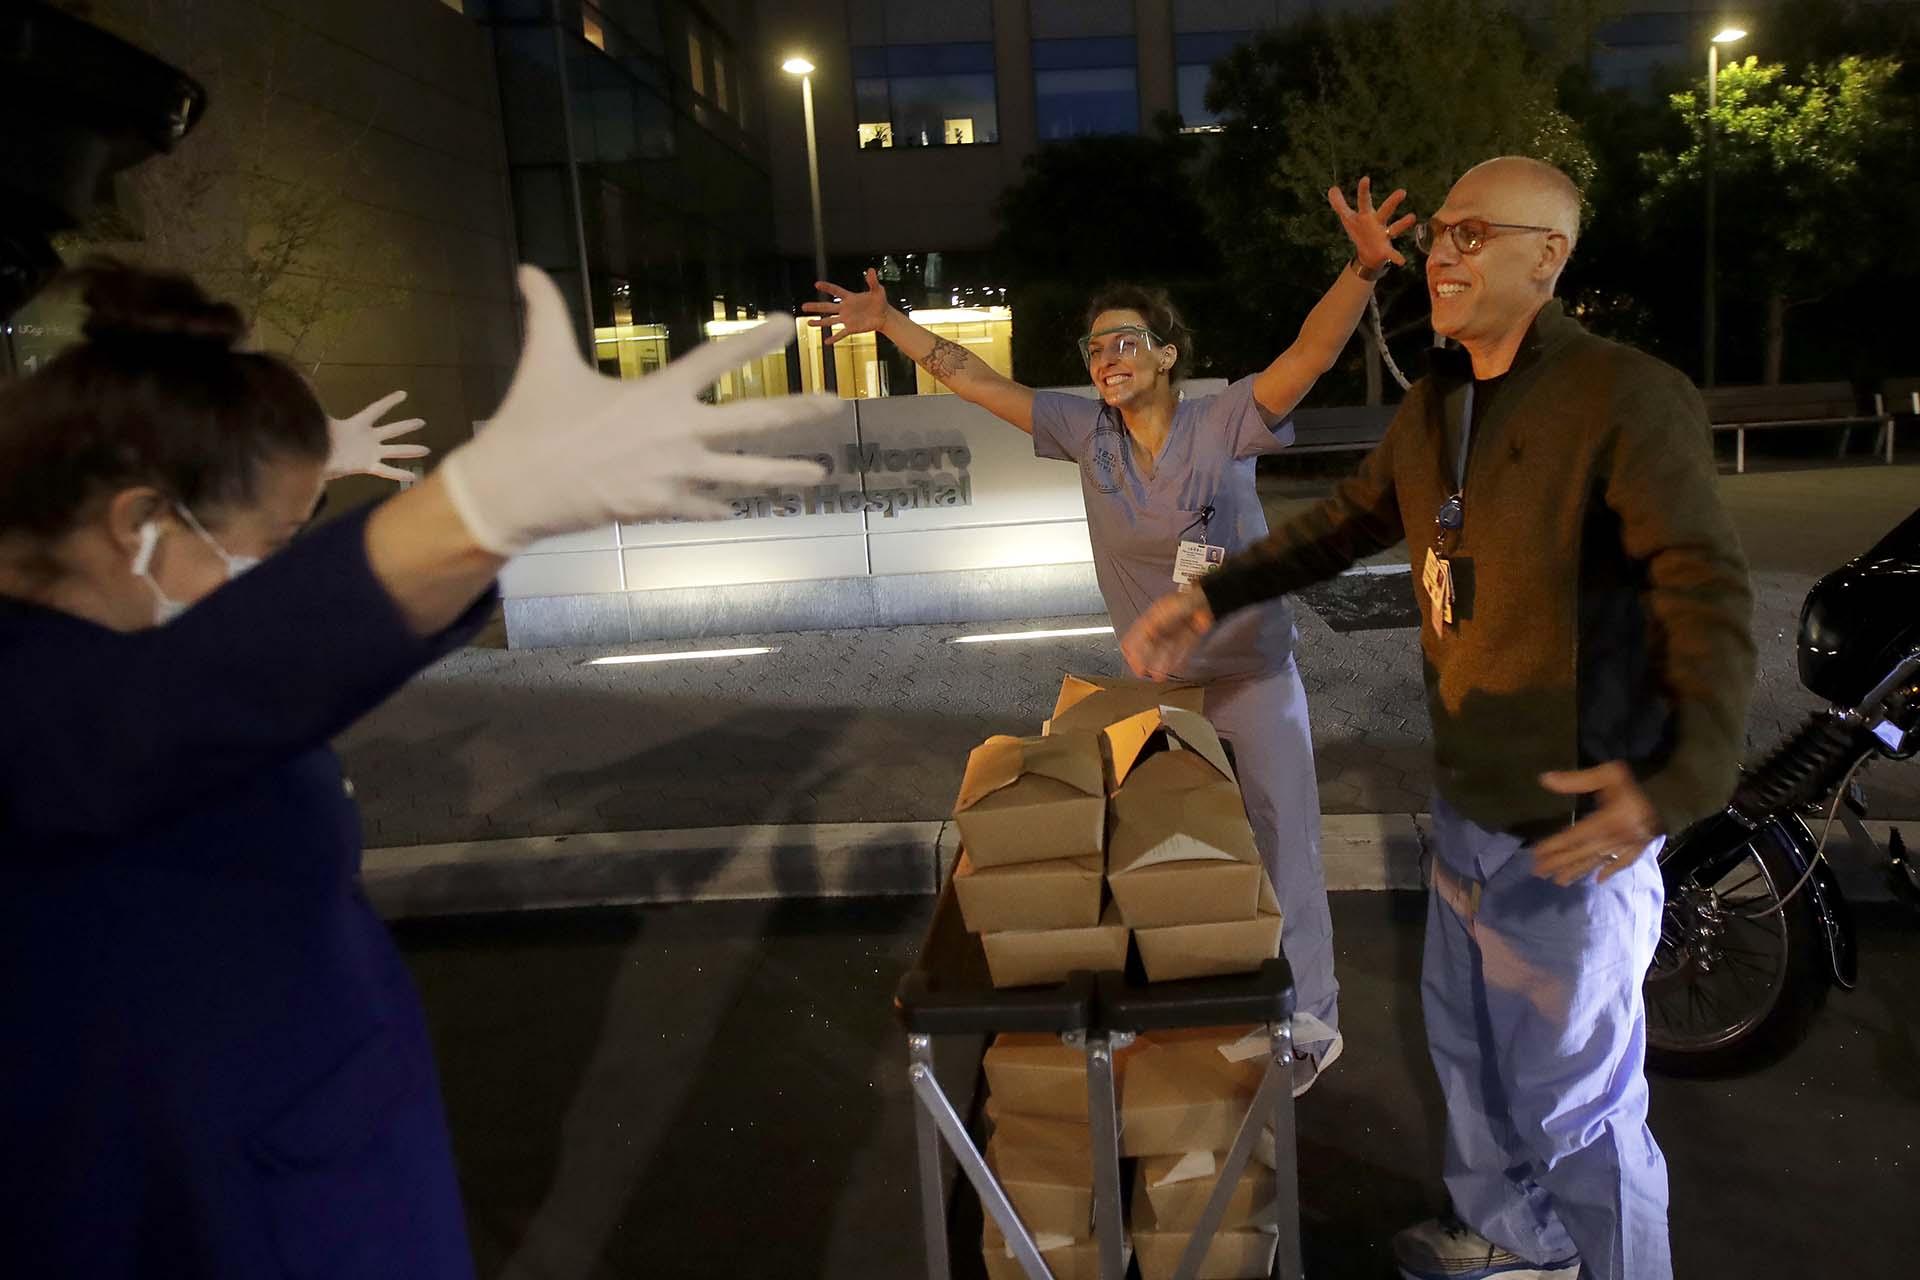 El chef del restaurante Nightbird y su dueño, Kim Alter, dimulan darse un abrazo en San Francisco (AP Photo/Jeff Chiu)